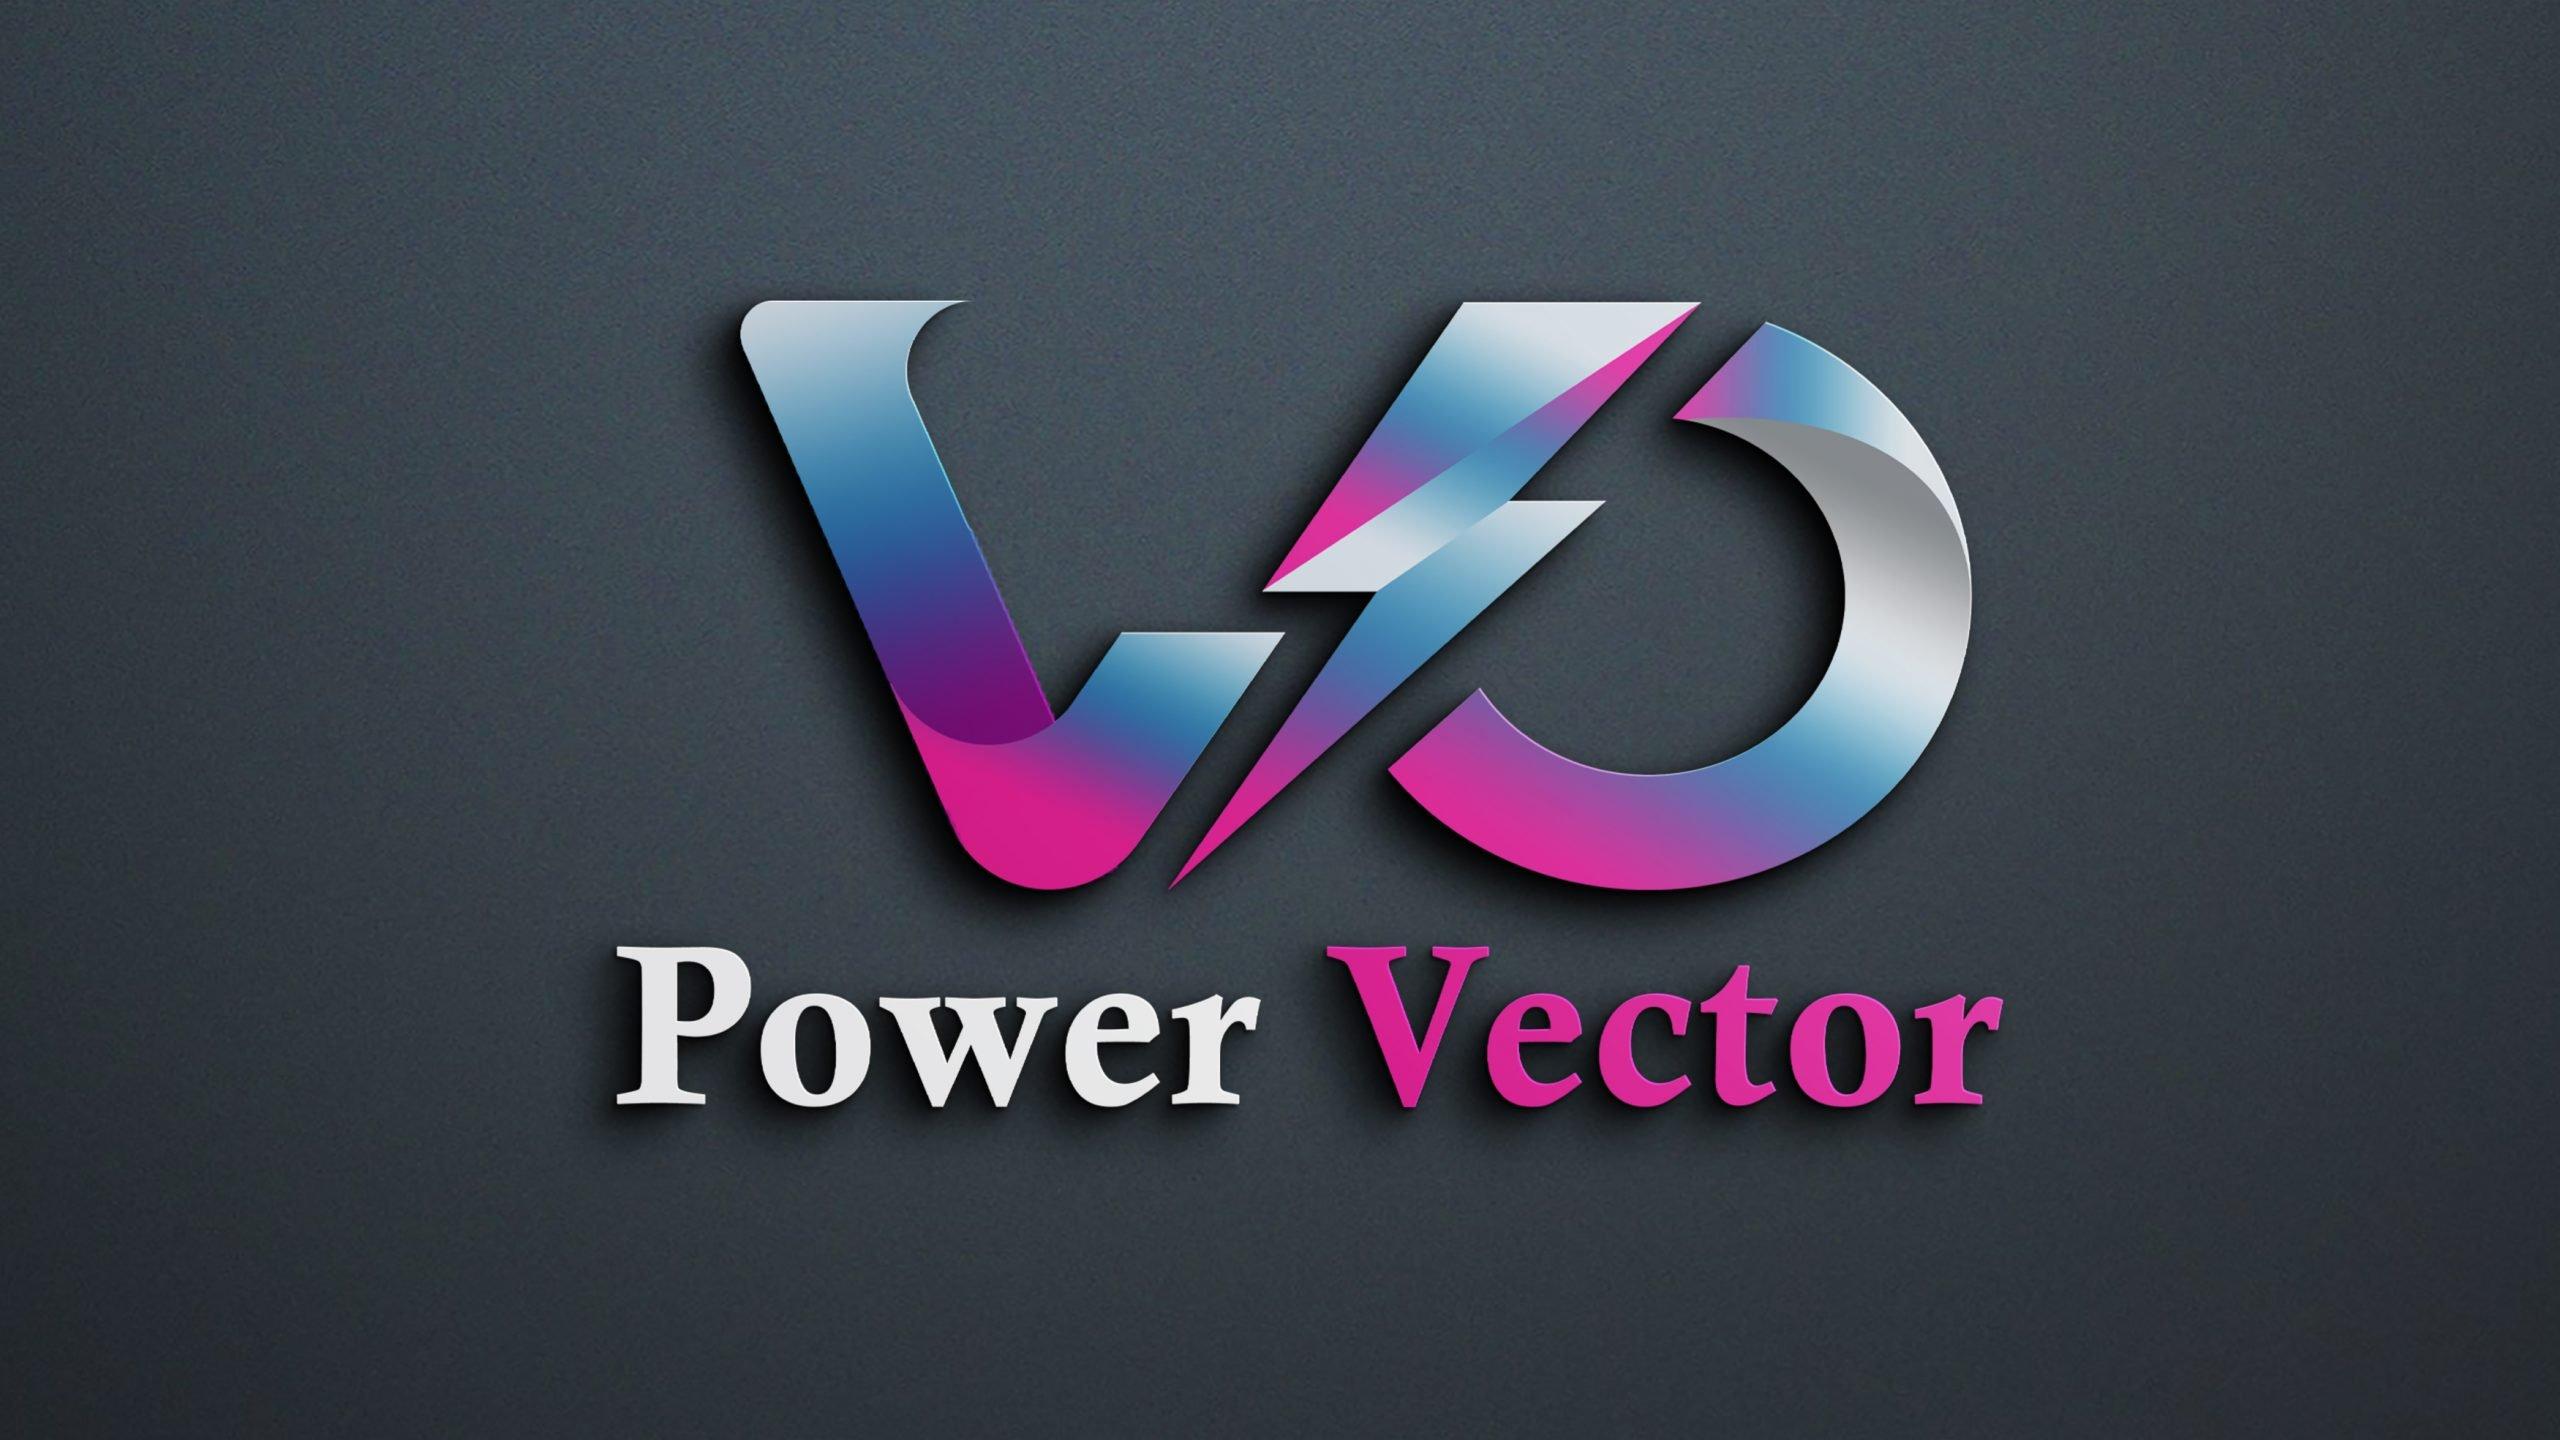 Power Vector Logo Design